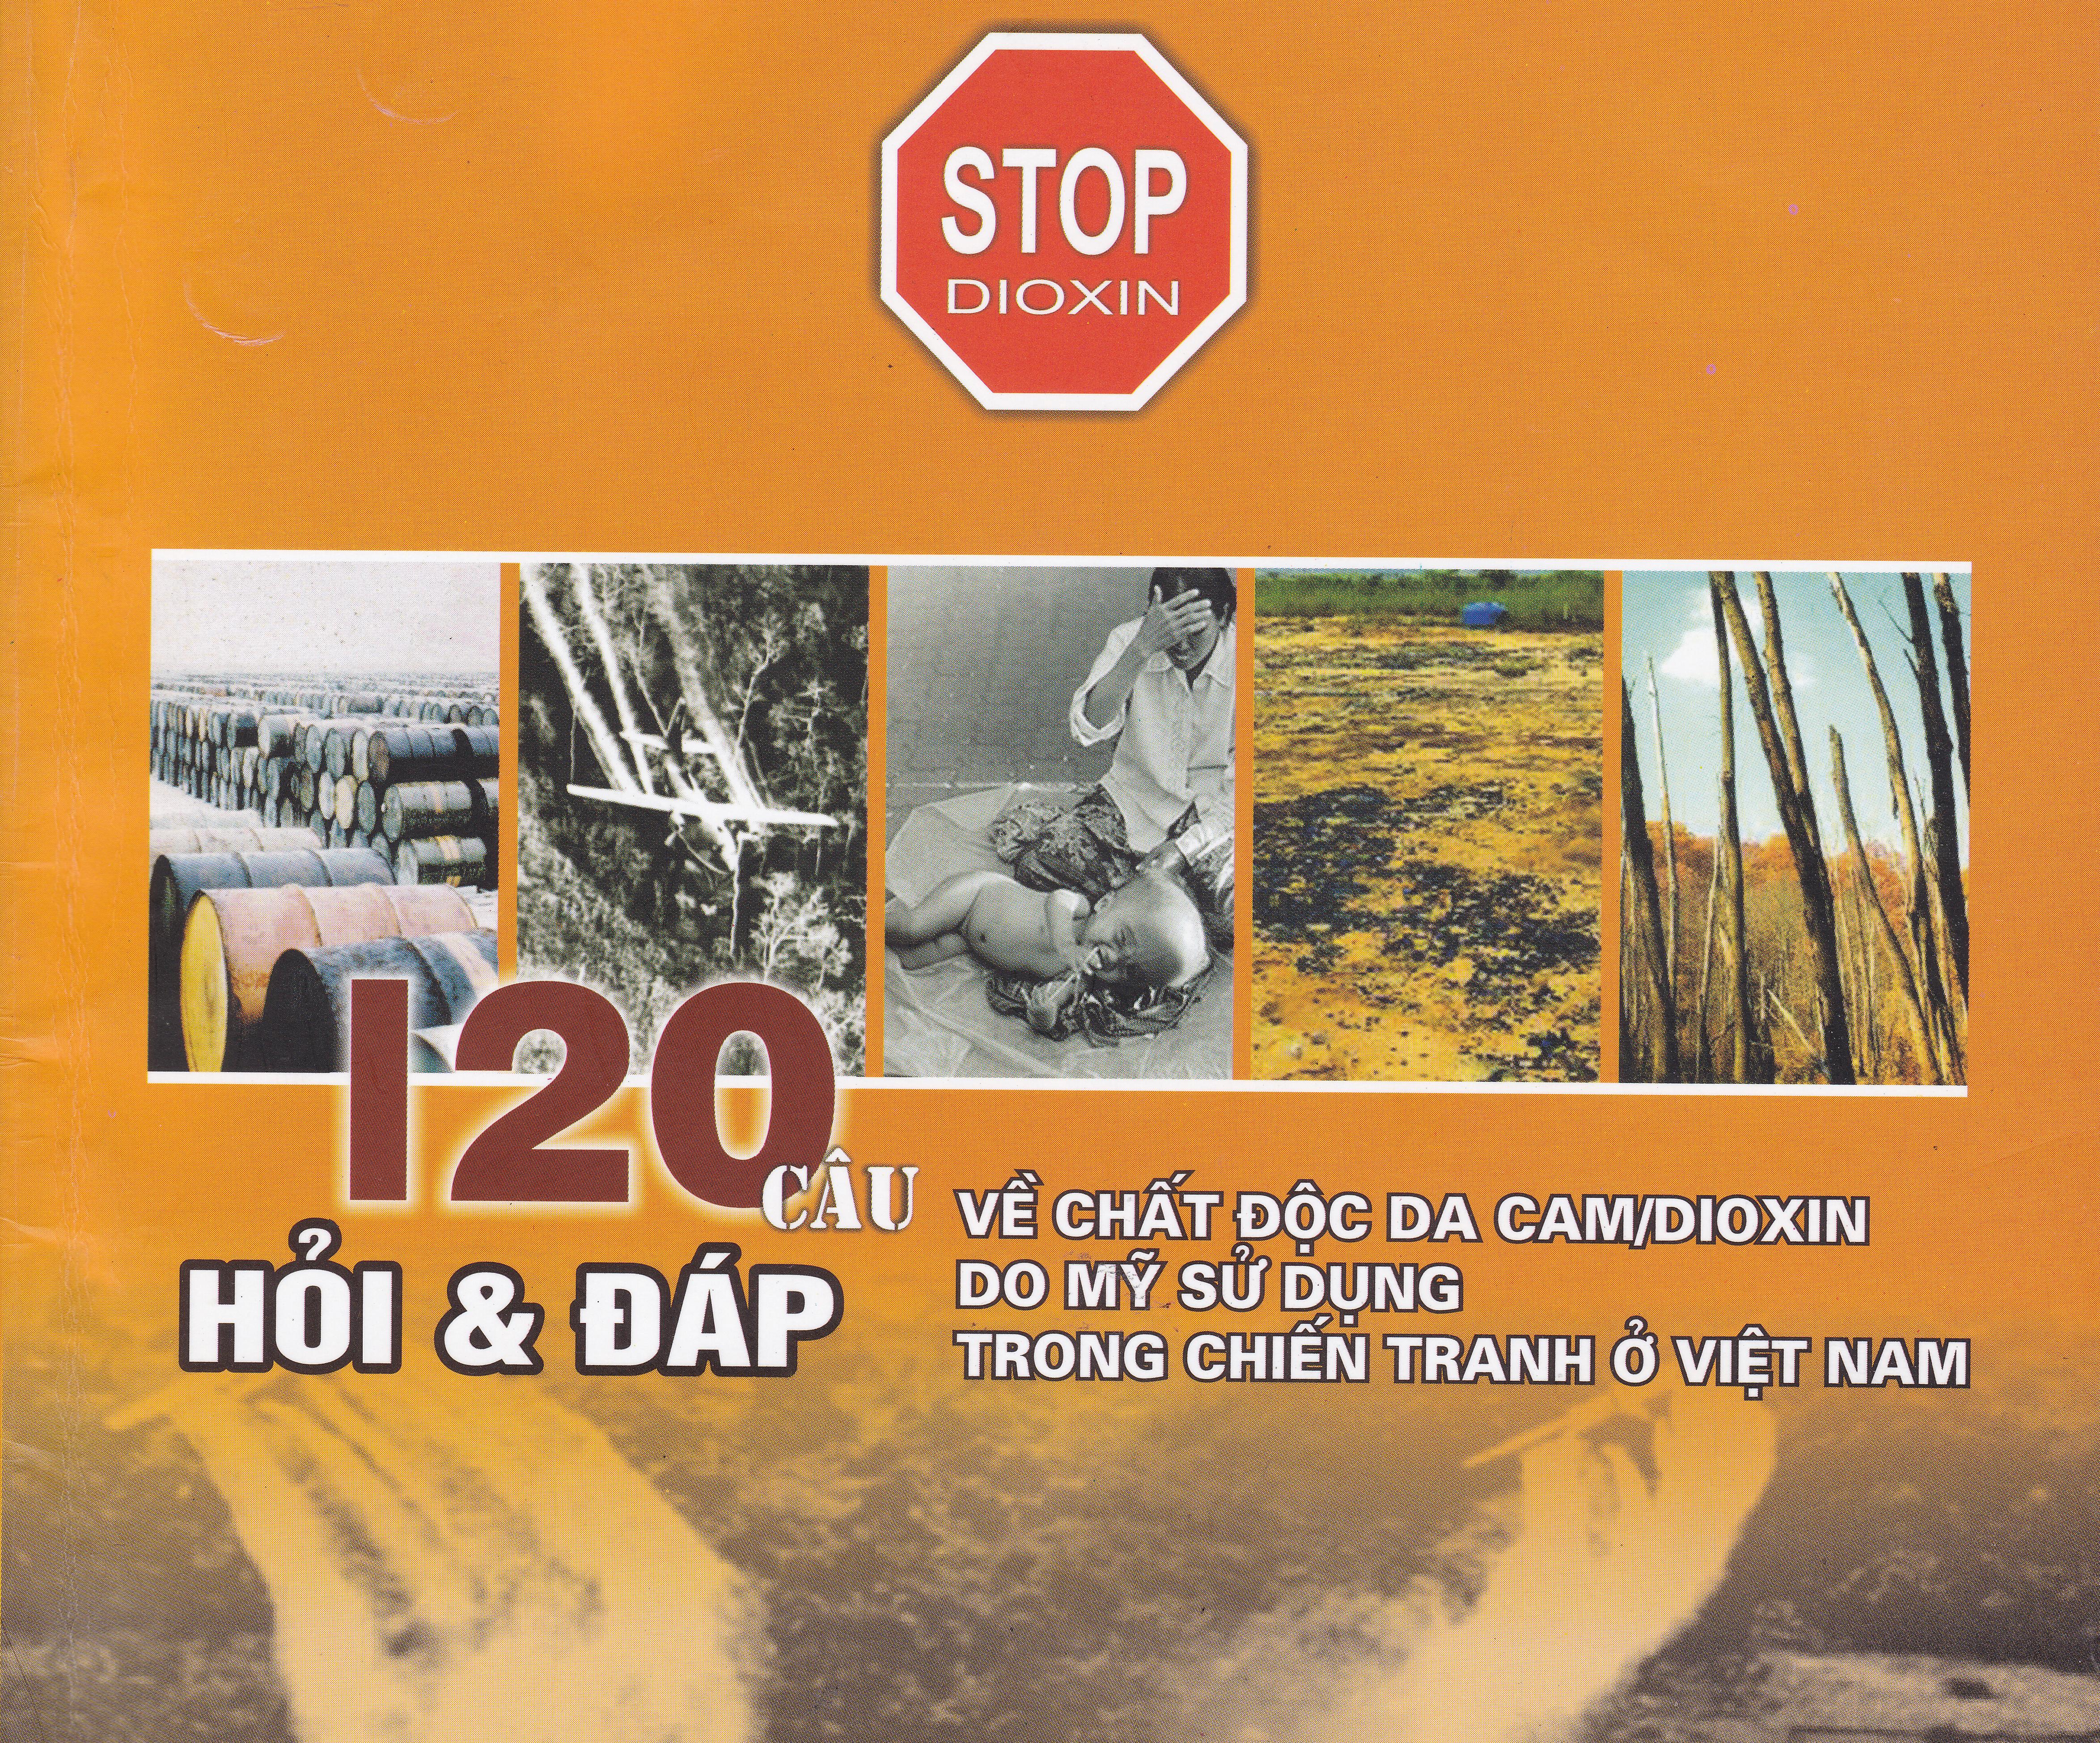 120 câu hỏi đáp về chất độc da cam/dioxin do Mỹ sử dụng trong chiến tranh ở Việt Nam